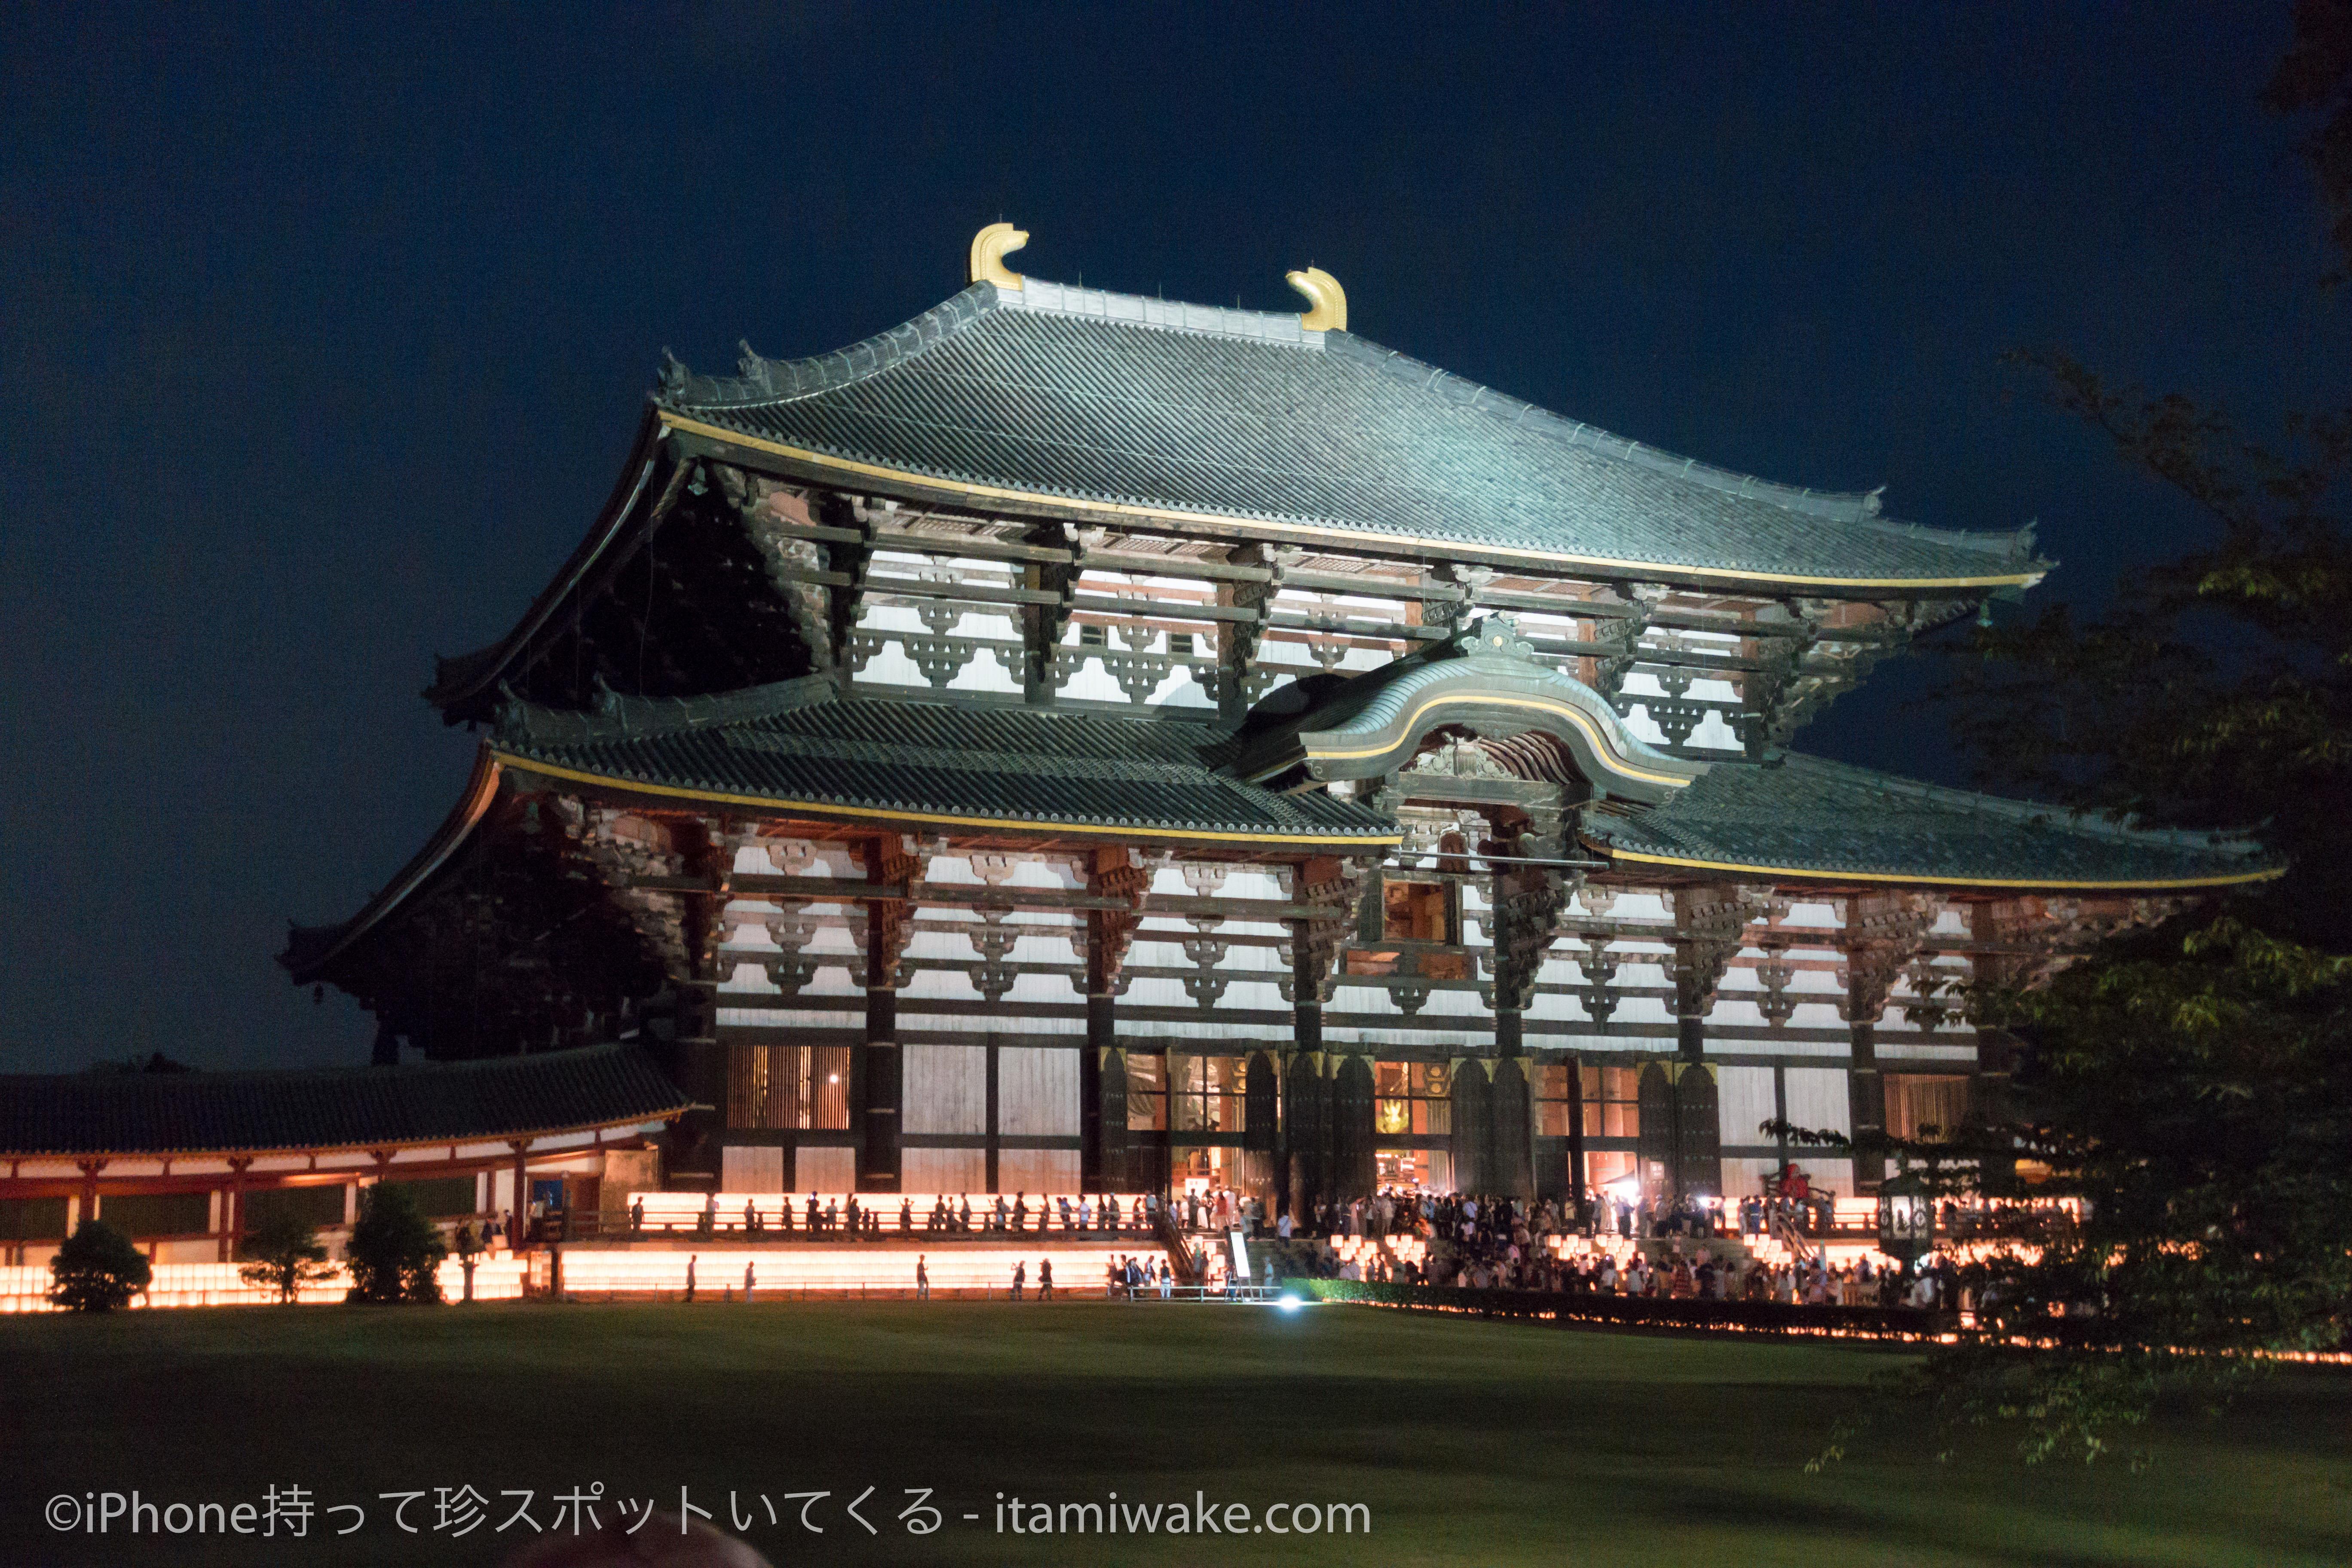 東大寺の万灯供養会で、年に2回だけの貴重な大仏の姿を見てきた